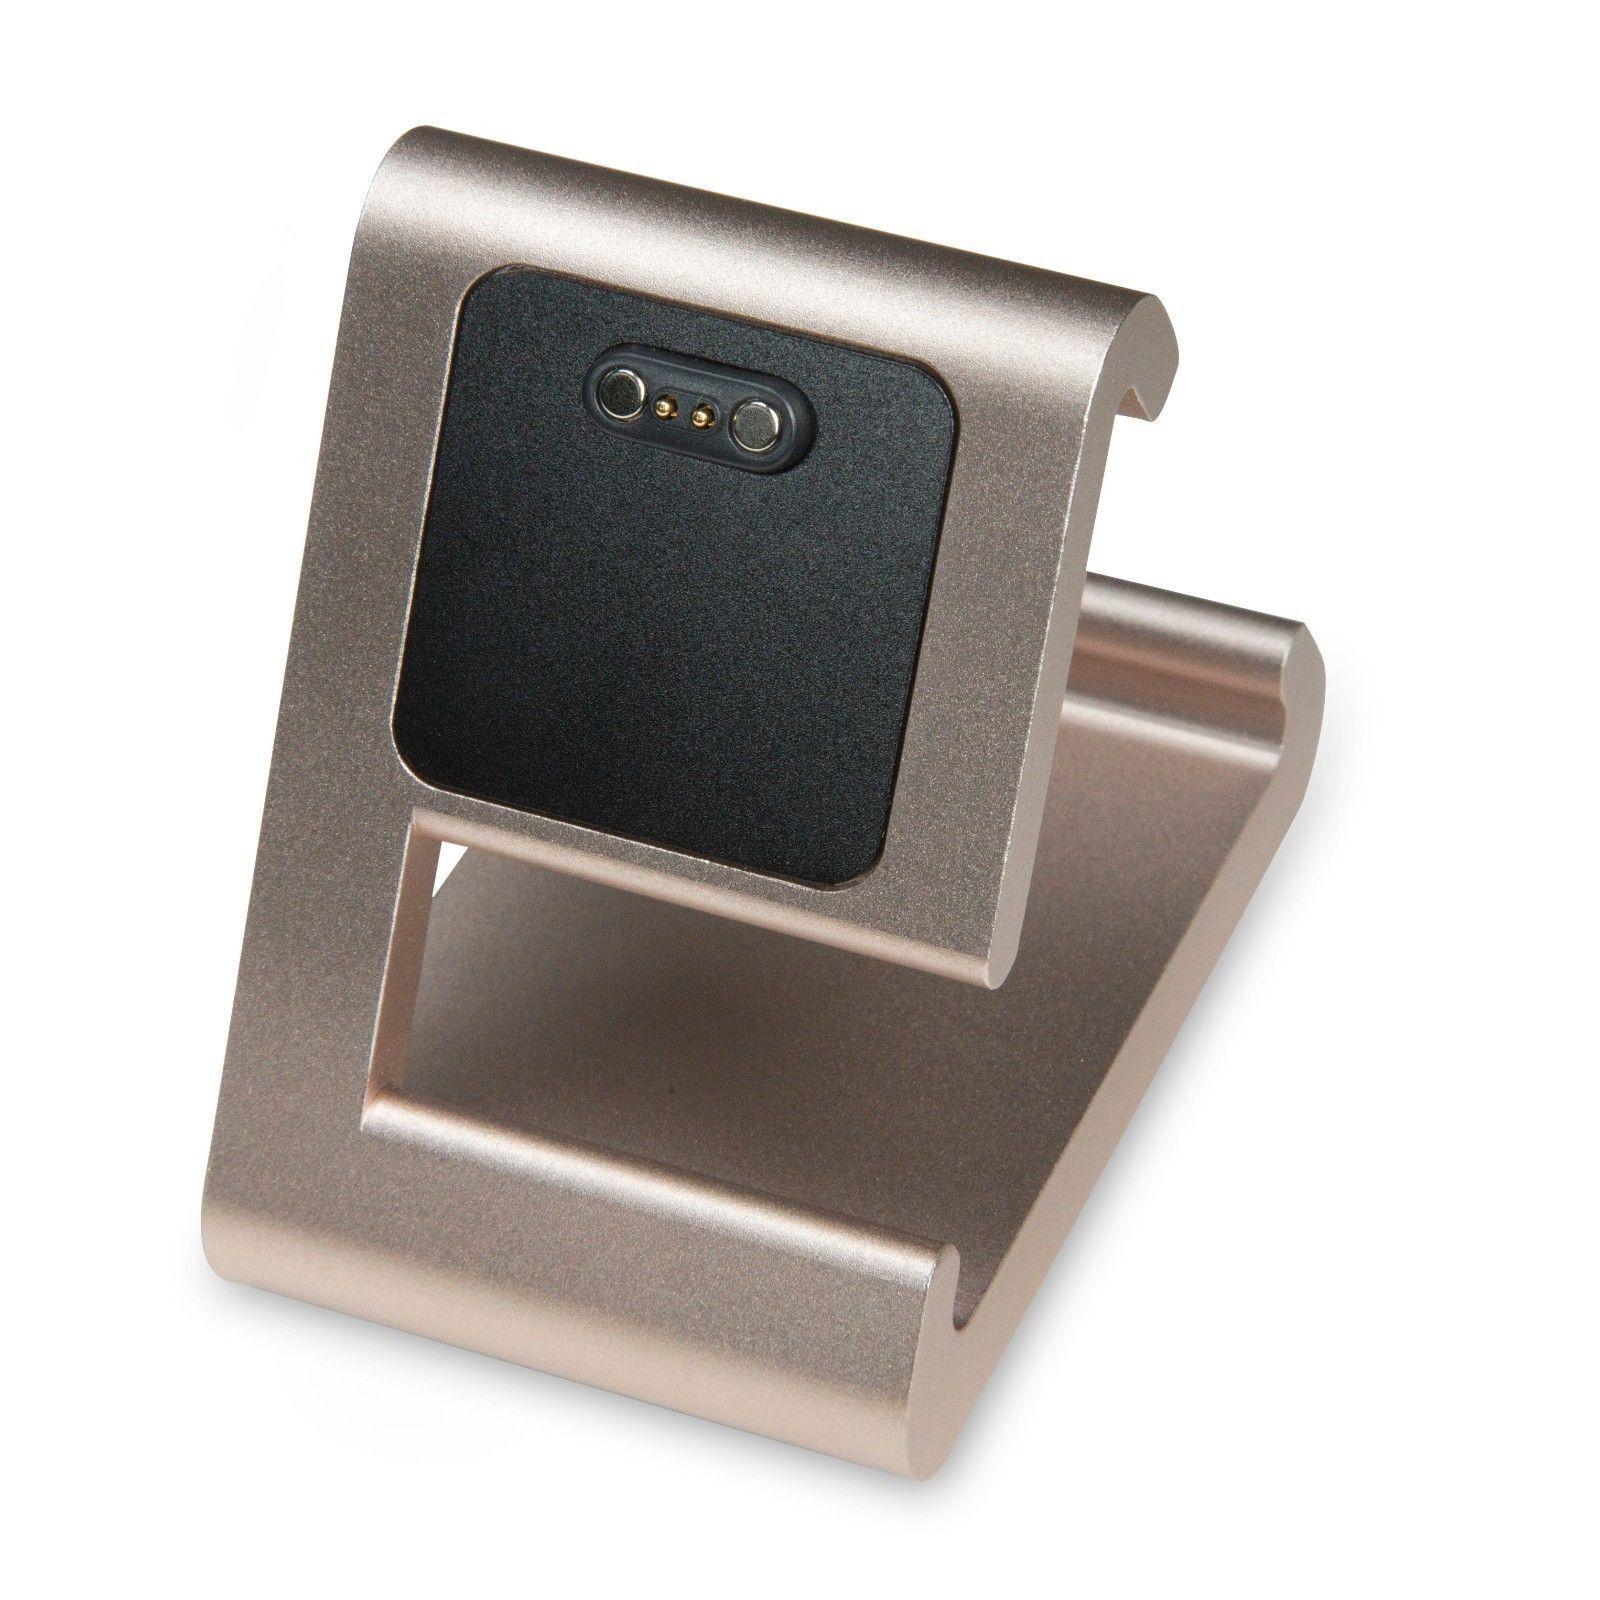 Smartwatch Ladegeräte & Dockingstationen günstig kaufen | eBay